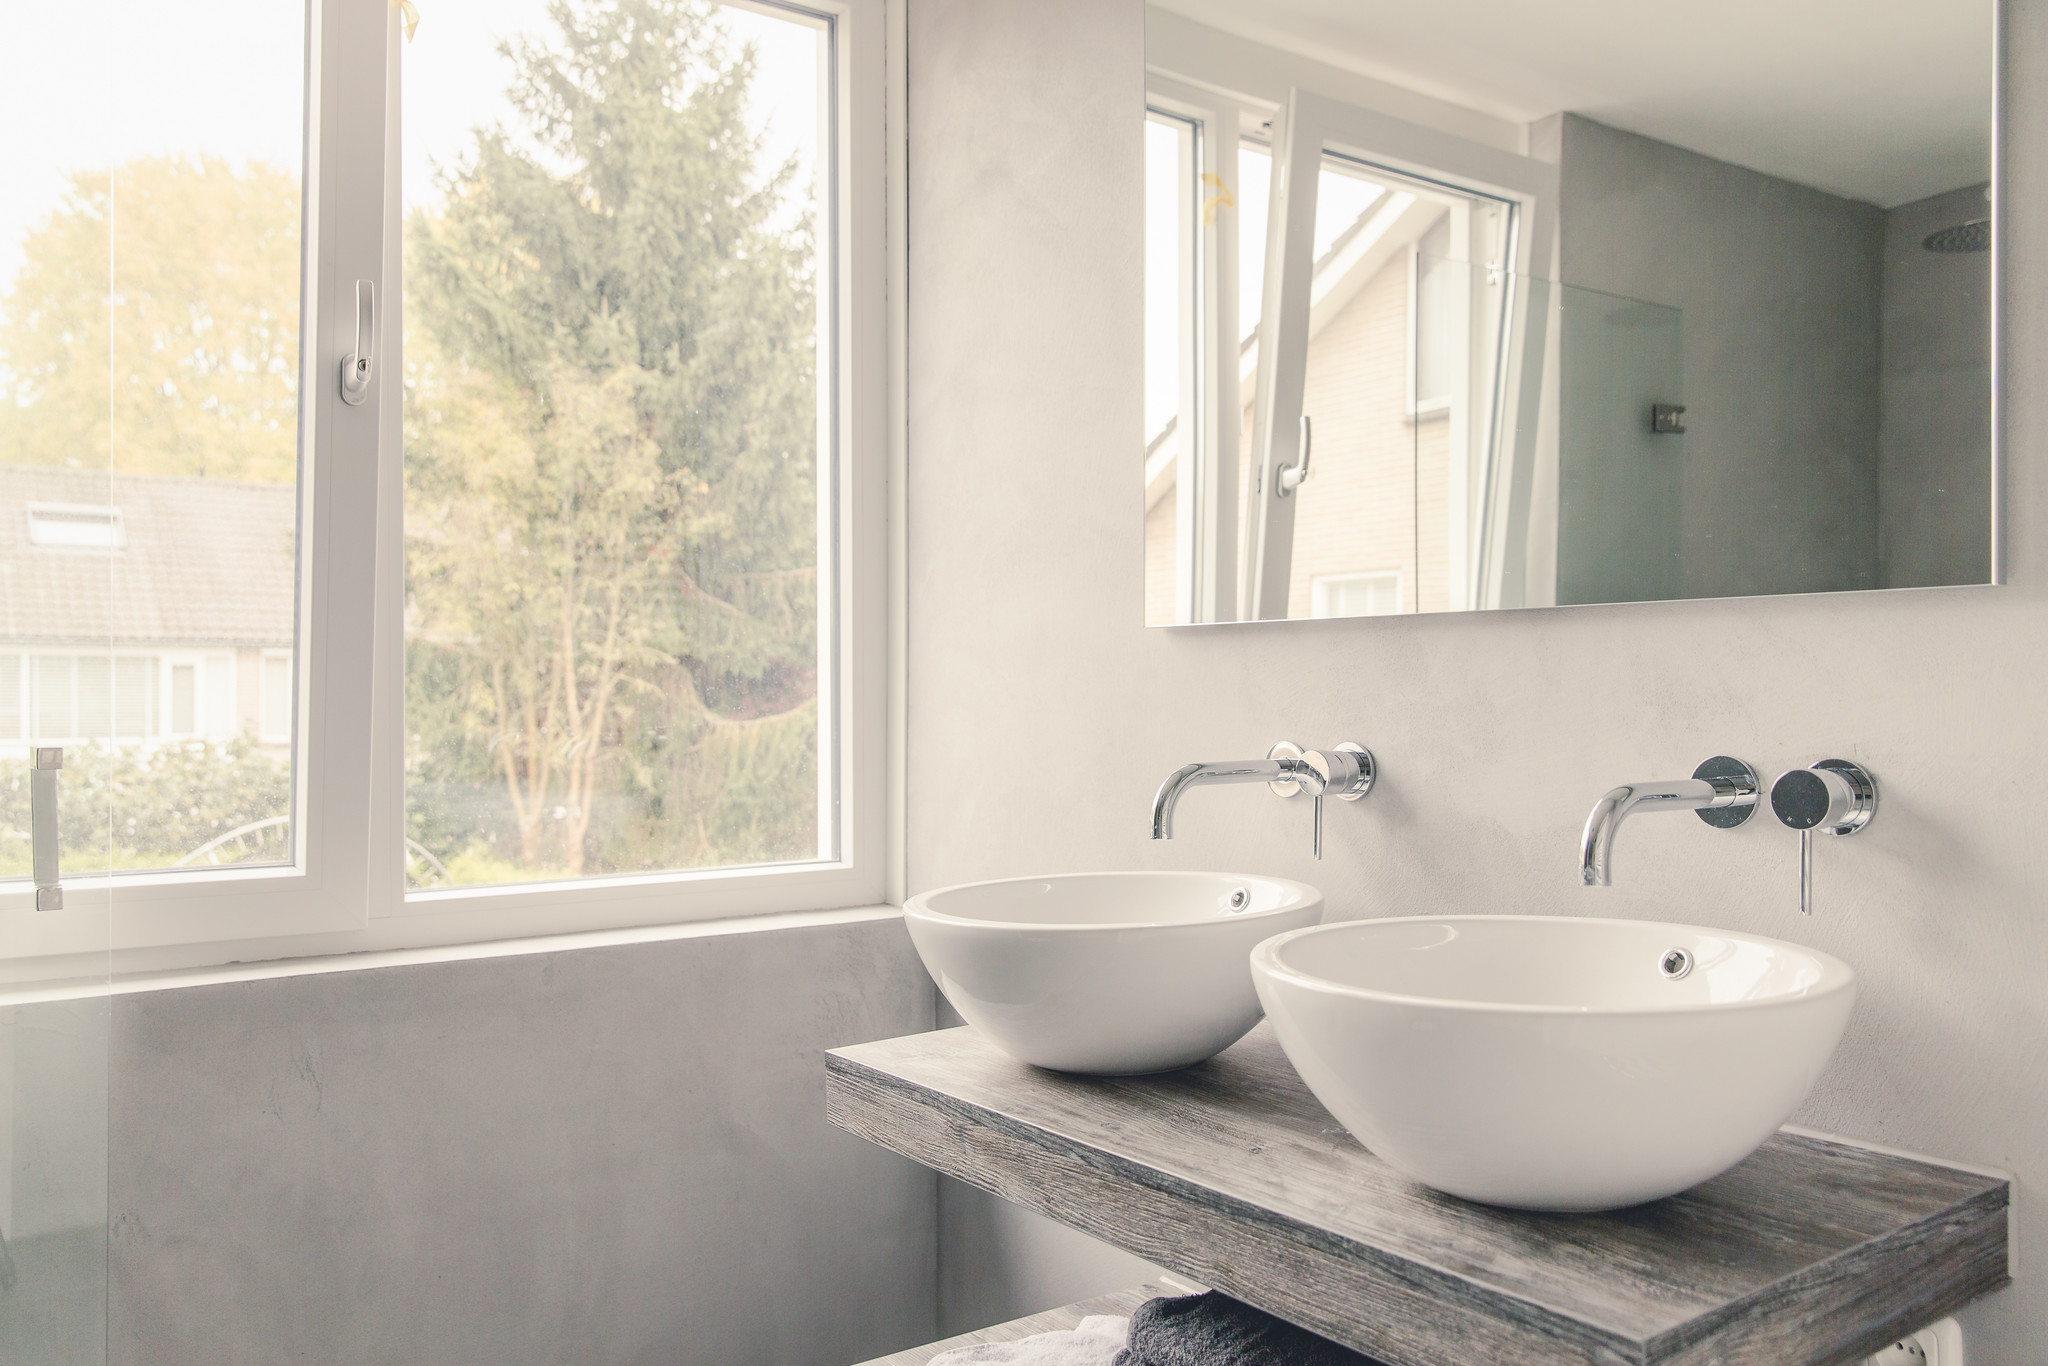 Betonlook Badkamer Home Of Concrete